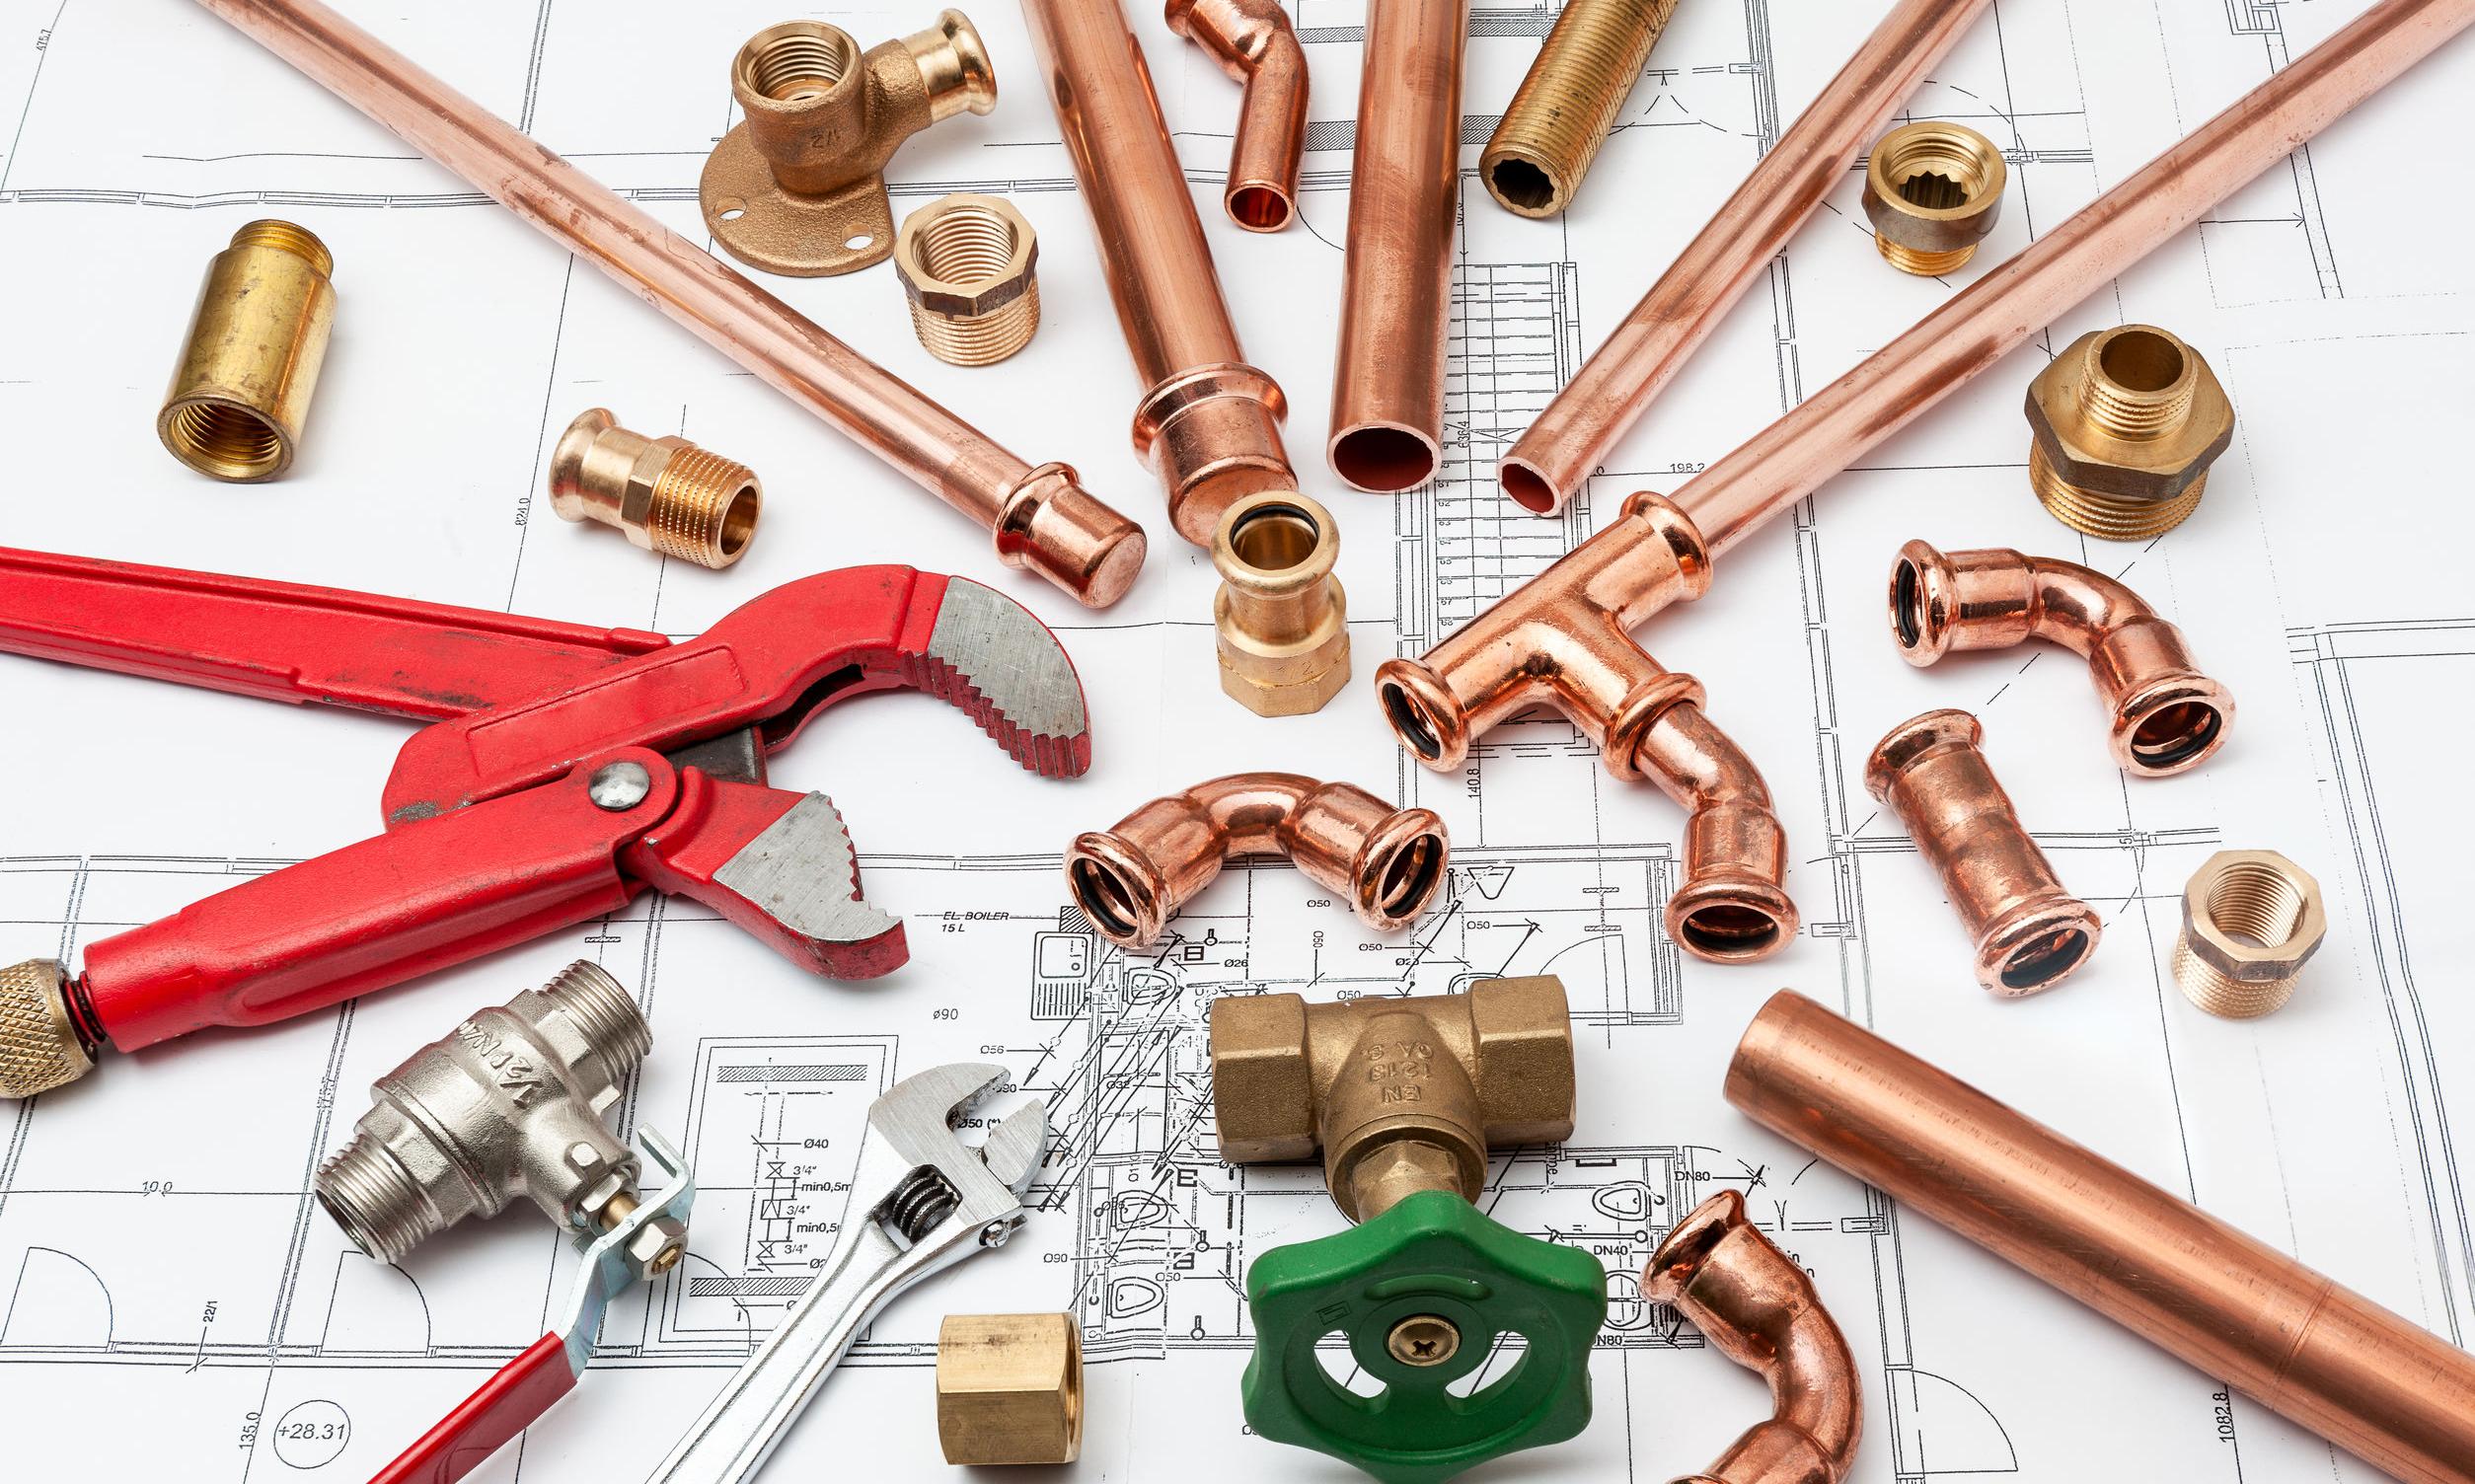 Top Trends in the Plumbing Industry for 2018 | FieldEdge